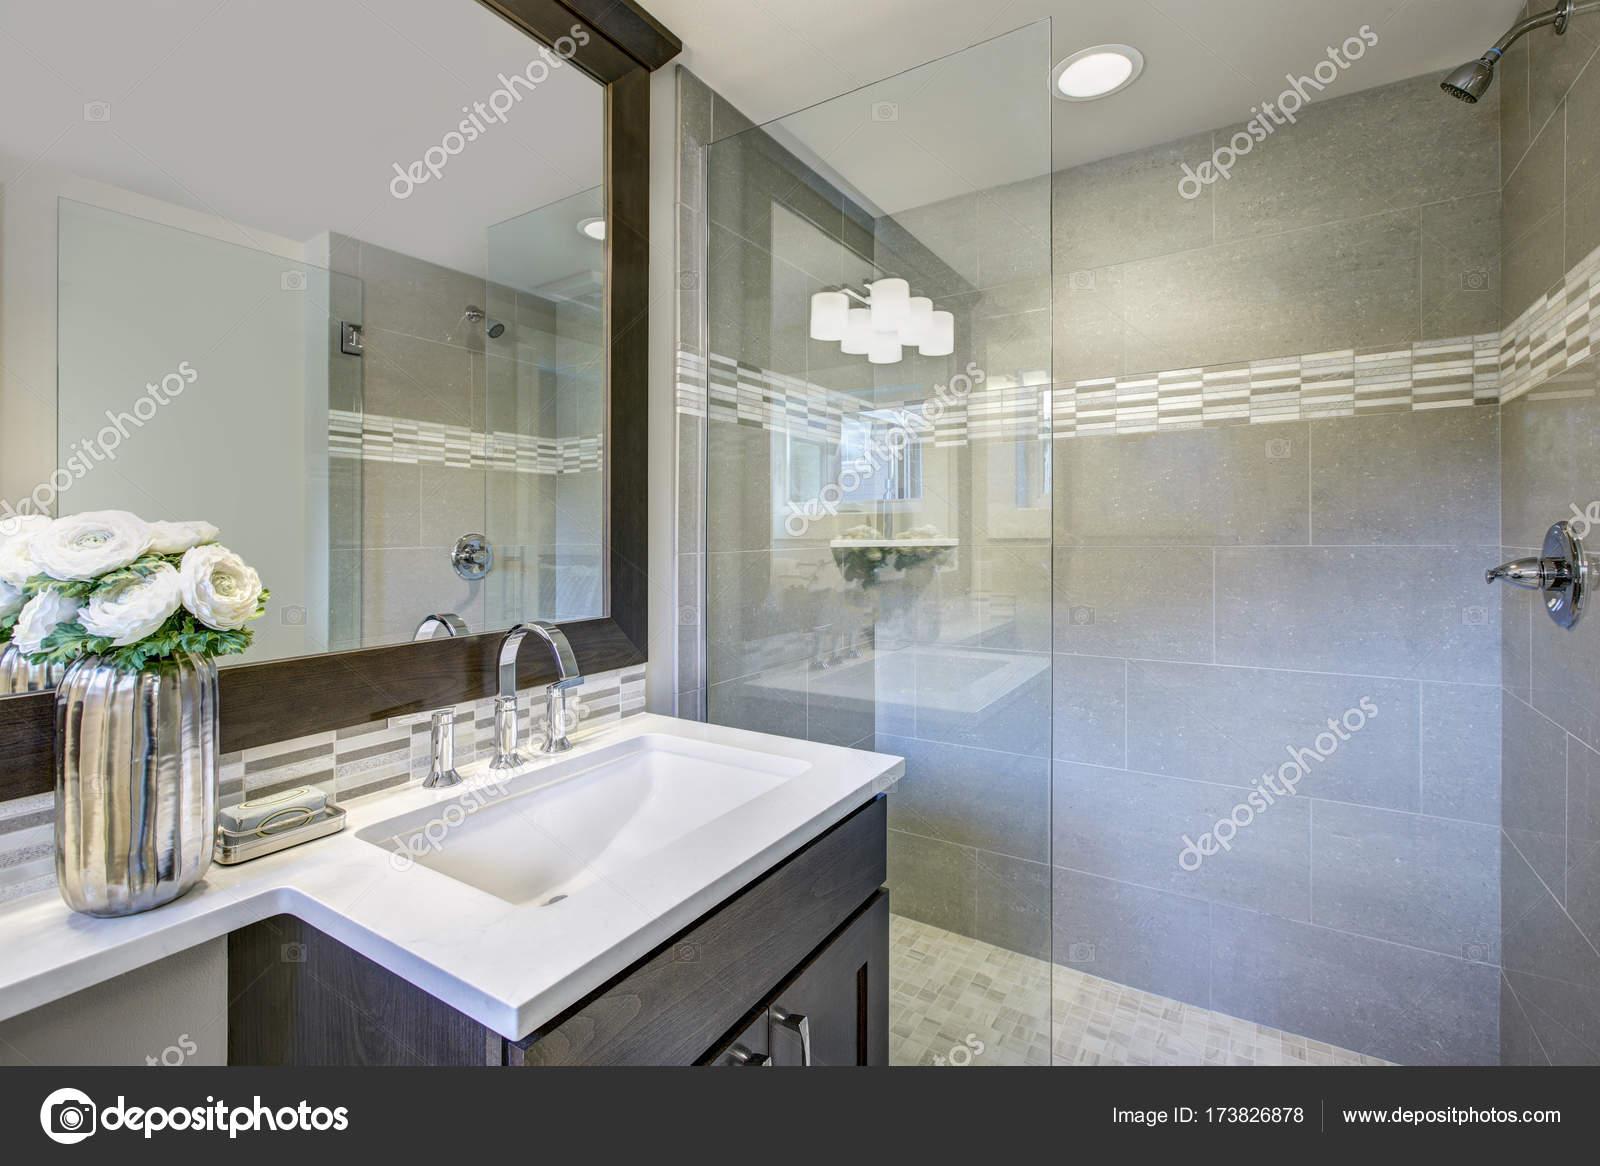 Rechthoekig Ontwerp Badkamer : Sanitair archives pagina van badkamers voorbeelden